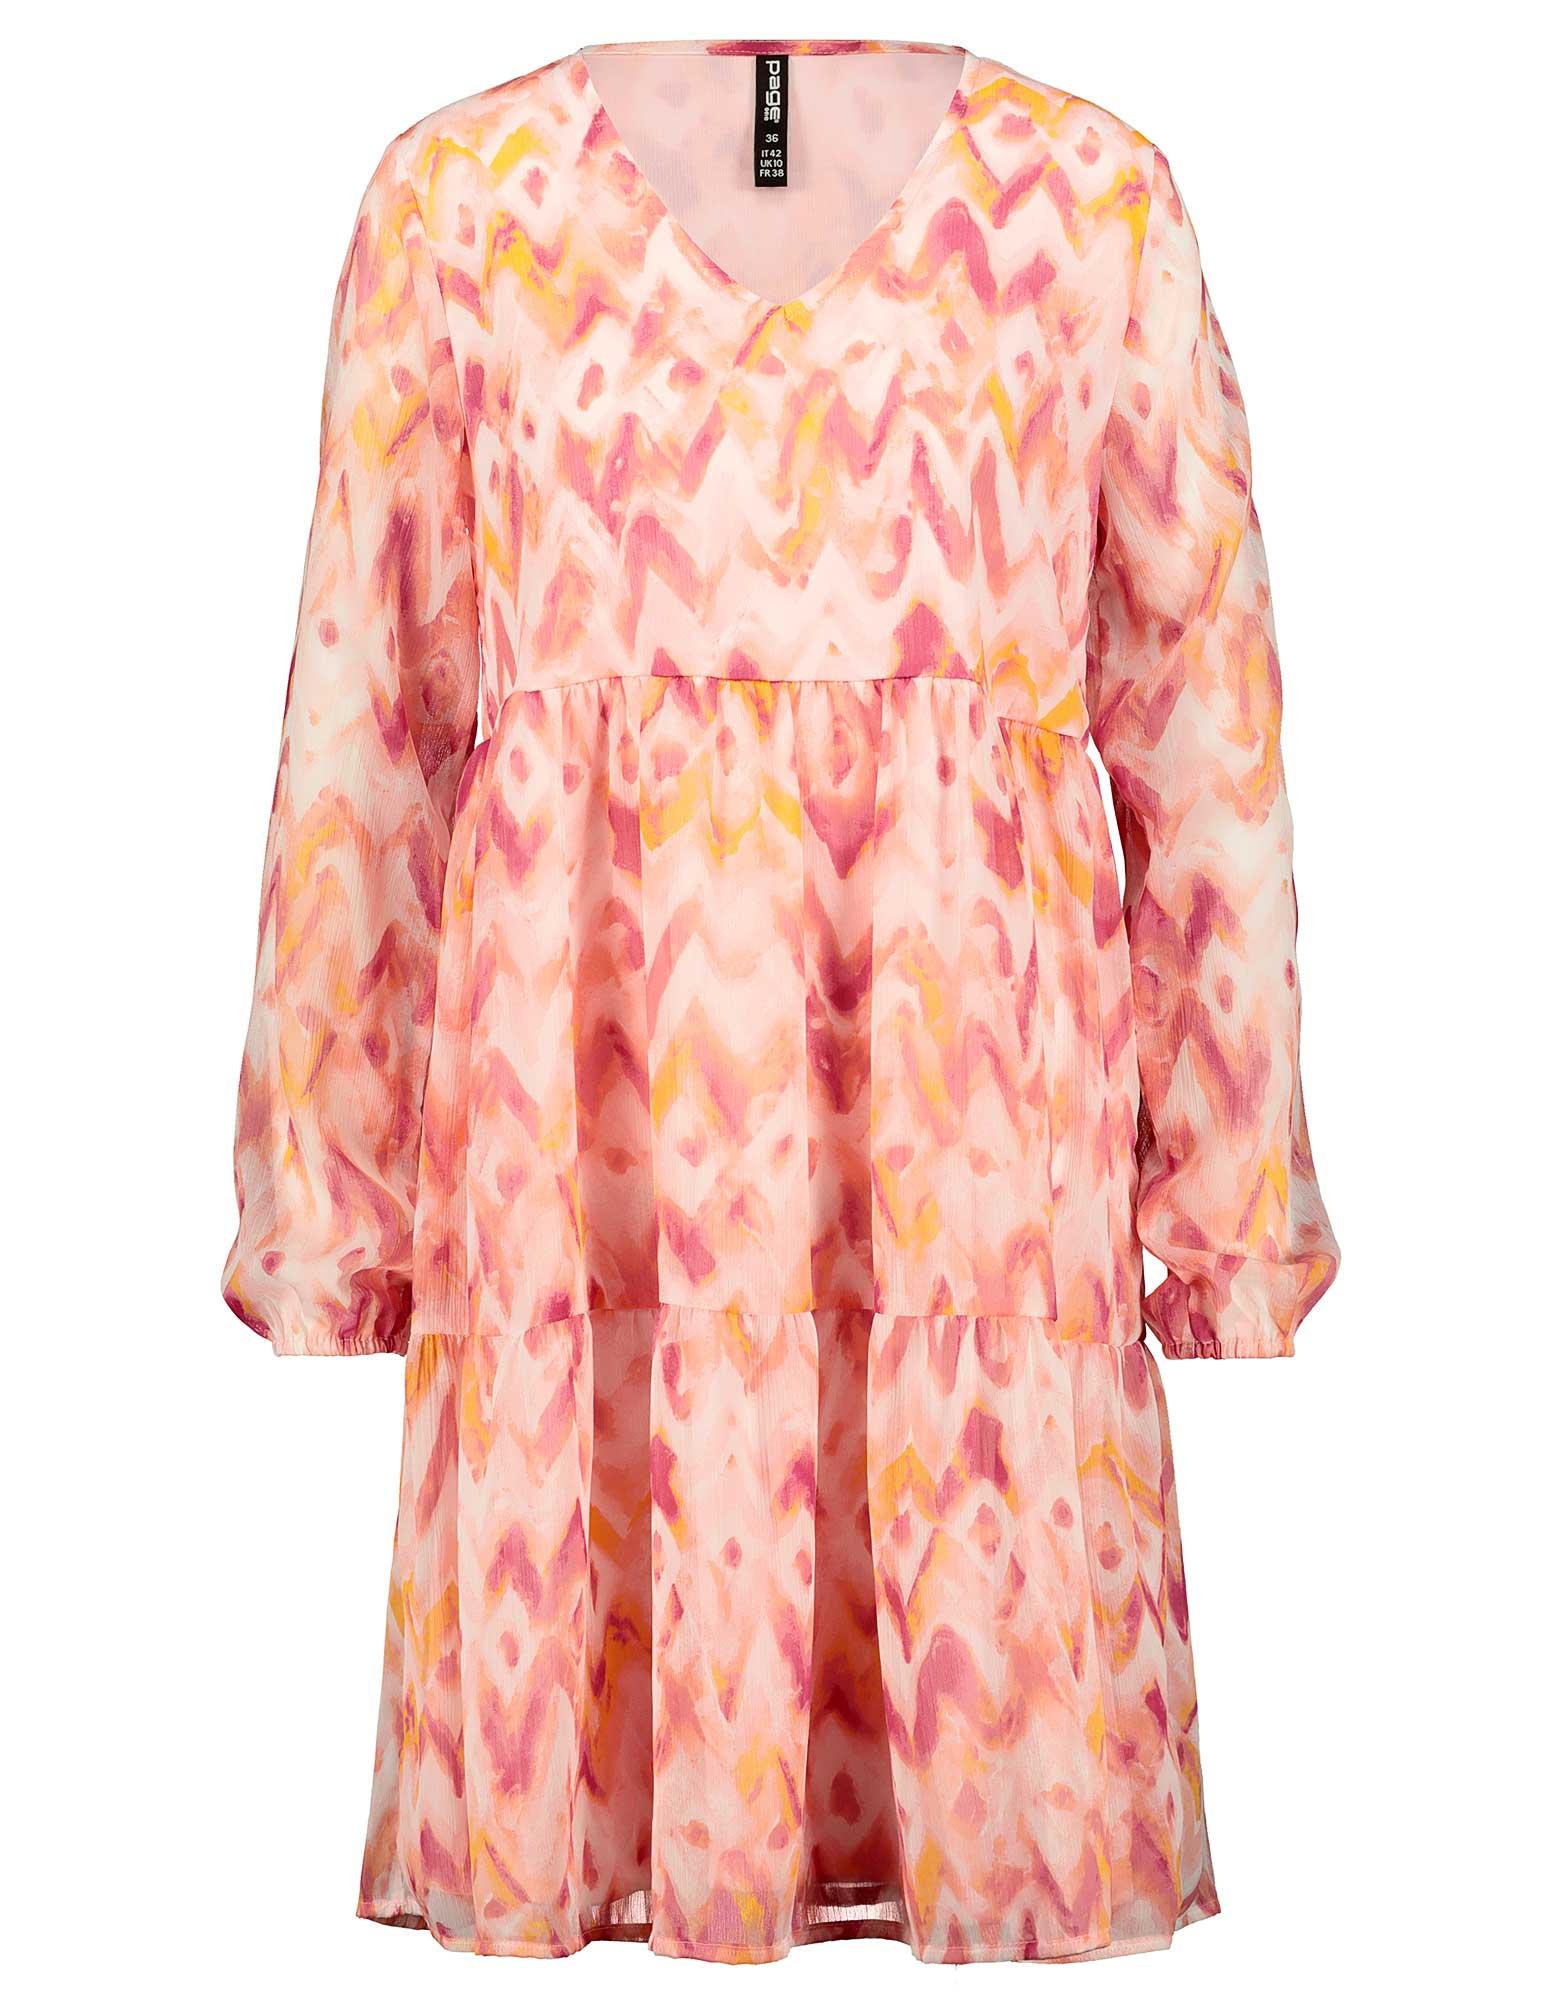 Damen Kleid im Stufenlook - Takko Fashion